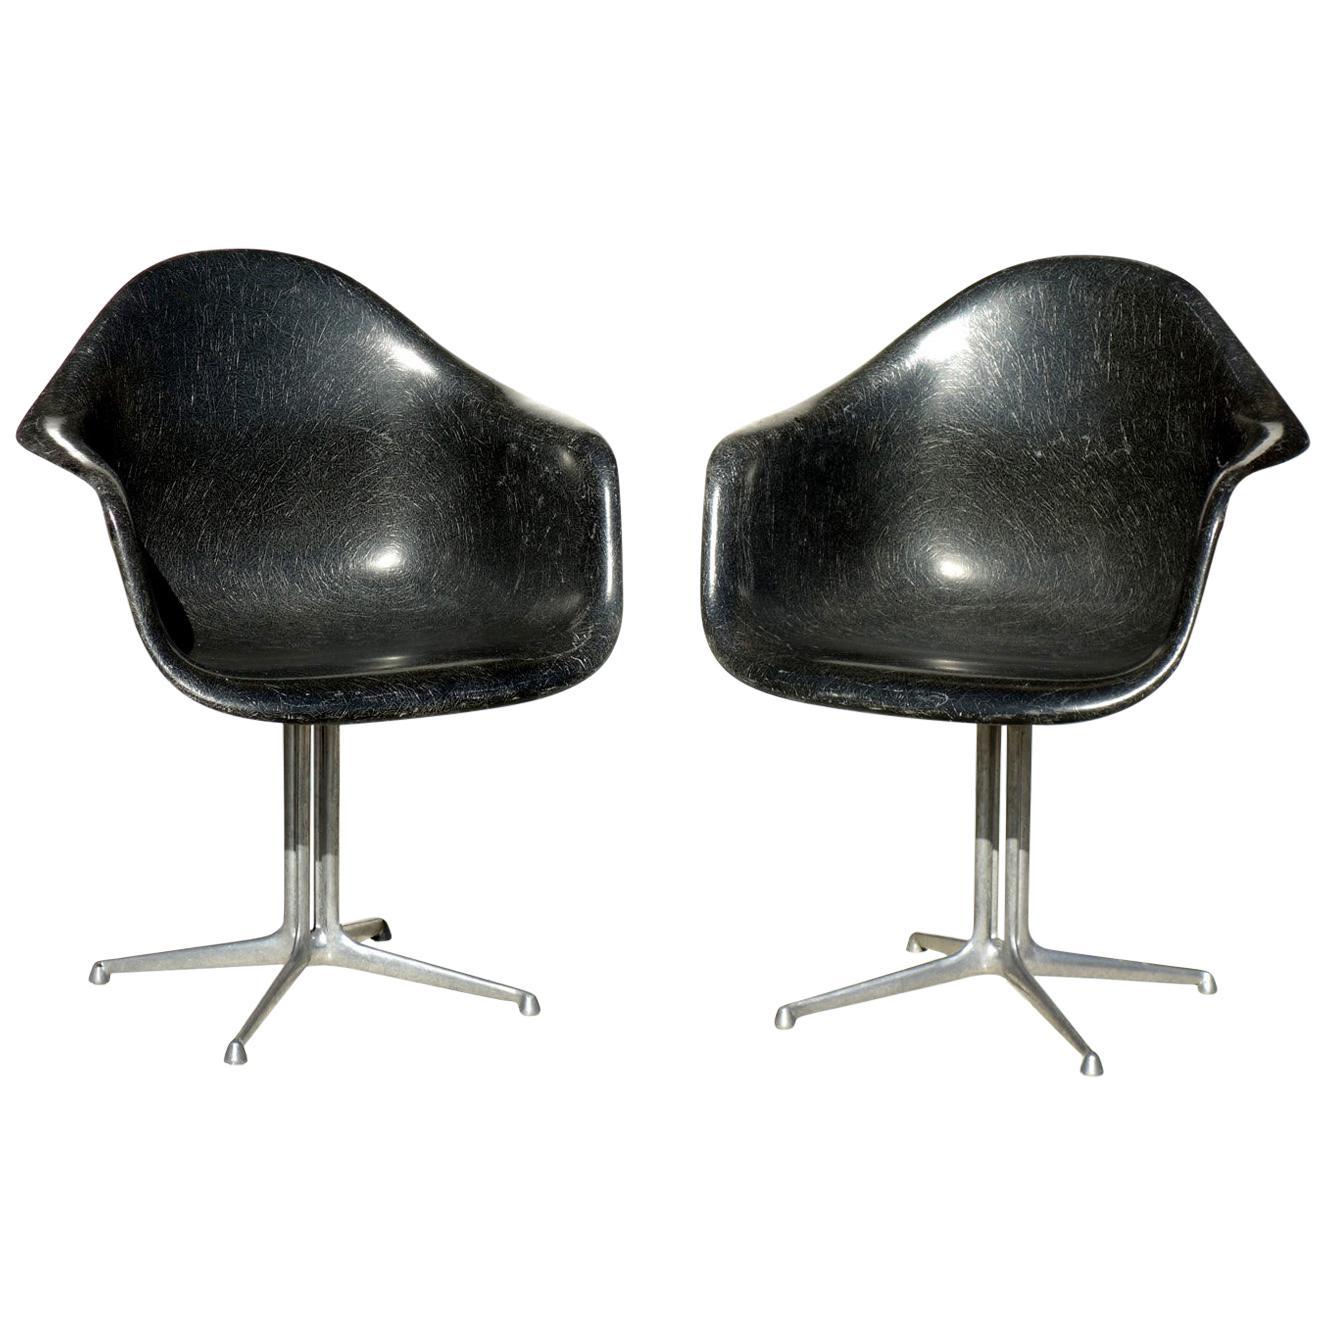 Midcentury Miller Eames Era Fiberglass Shell Chair By ...